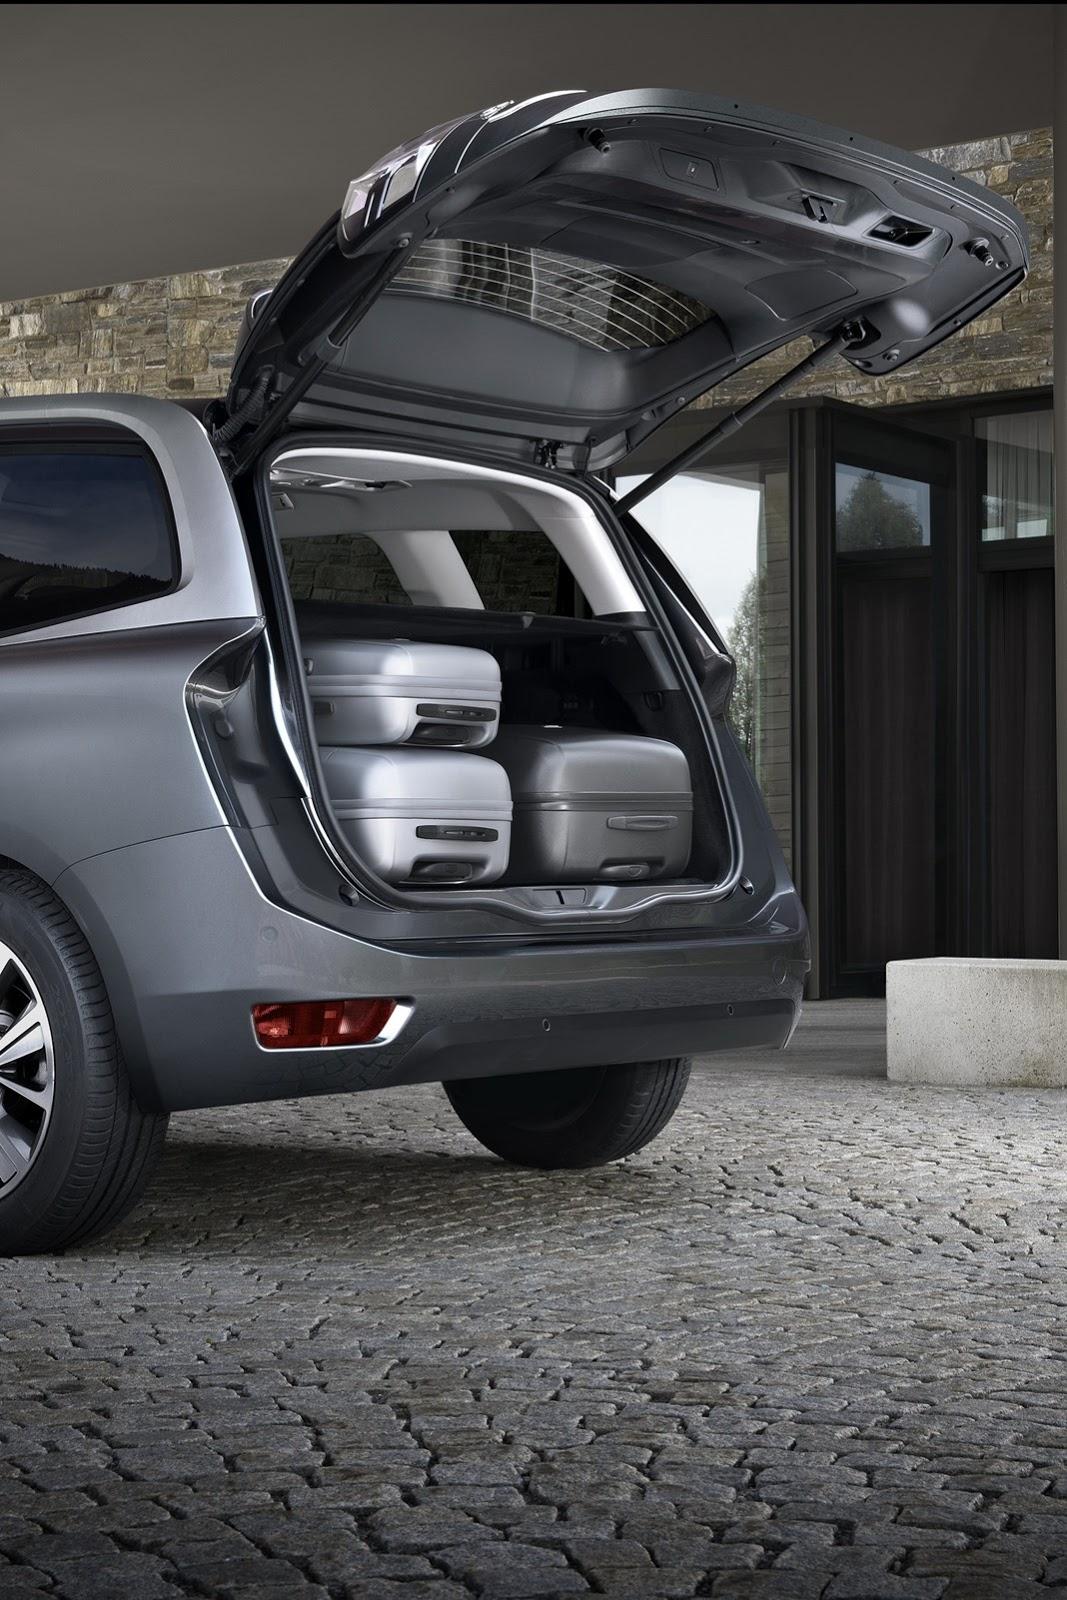 [SUJET OFFICIEL] Citroën Grand C4 Picasso II  - Page 4 Citroen-Grand-C4-Picasso-40%25255B3%25255D